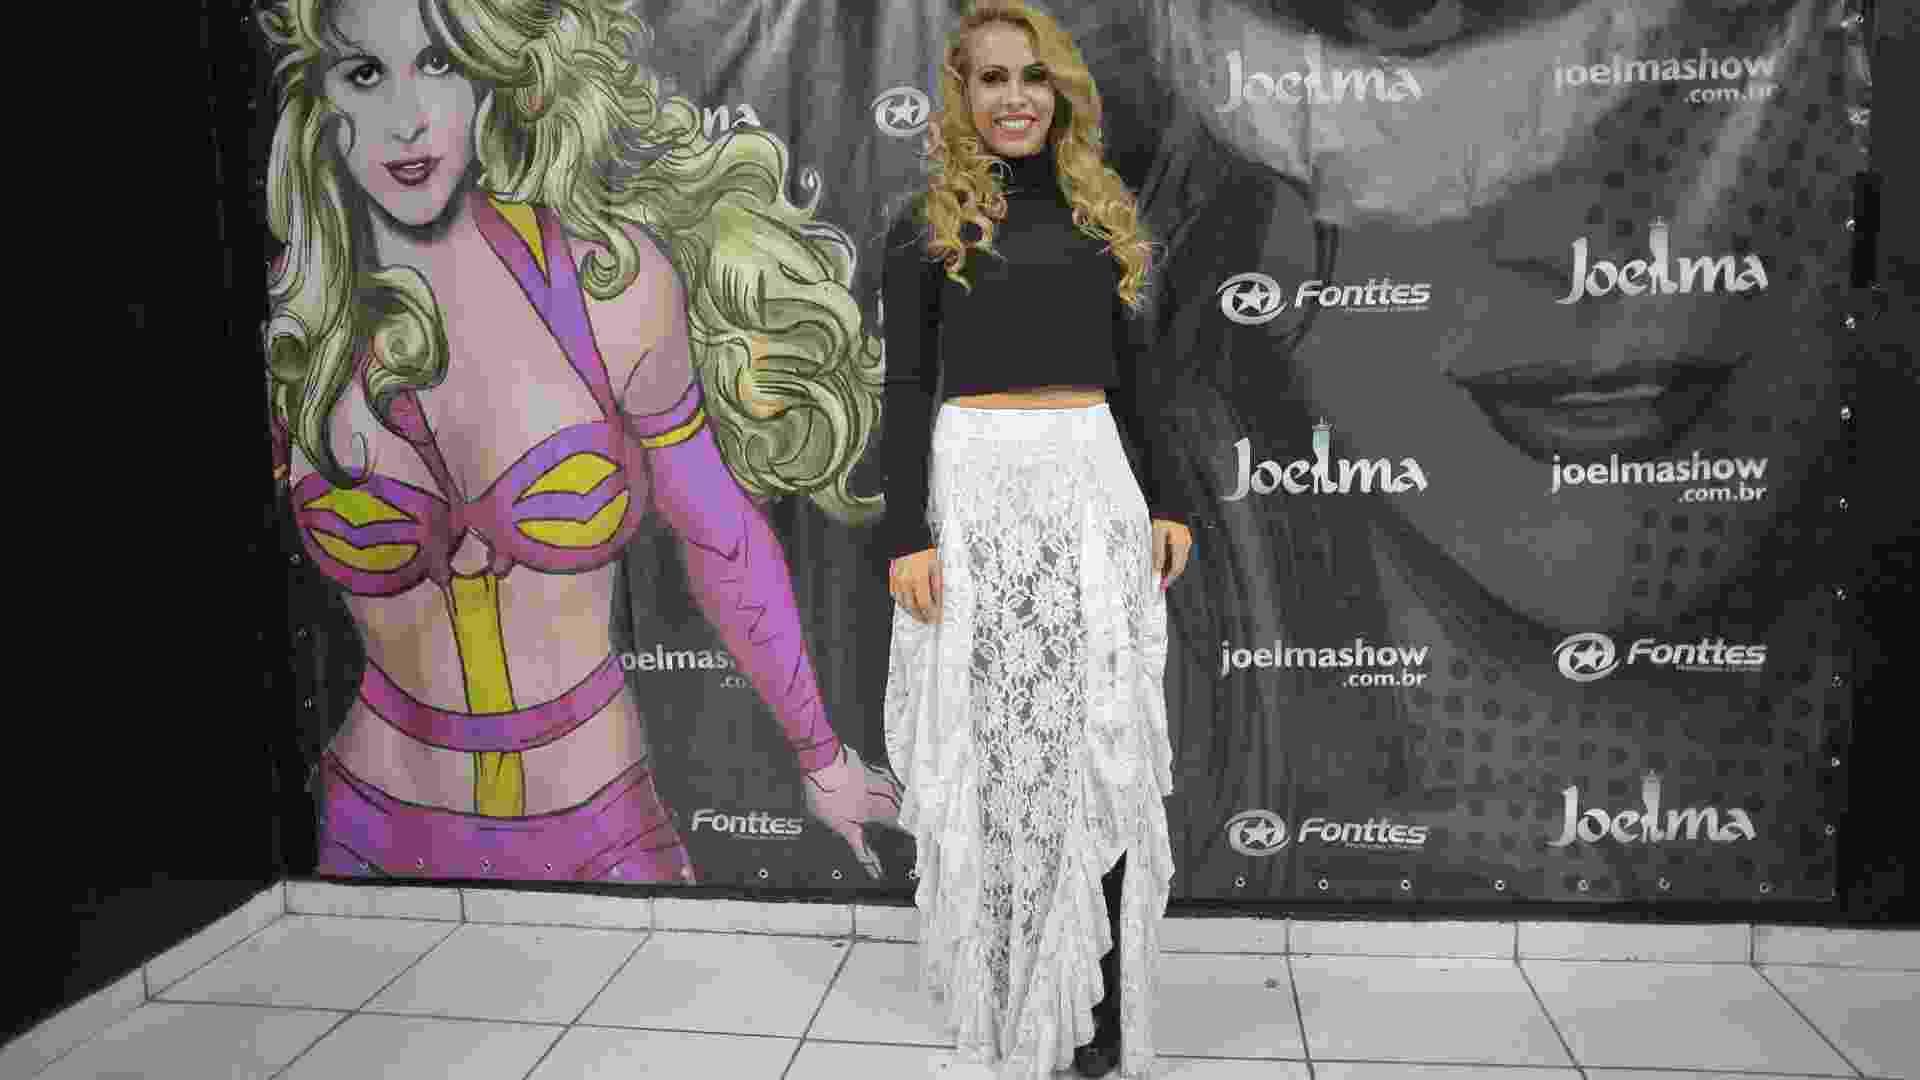 13.mai.2016 - Antes de começar o show, Joelma recebe a imprensa e os fãs para fotos em seu camarim - Reinaldo Canato/UOL